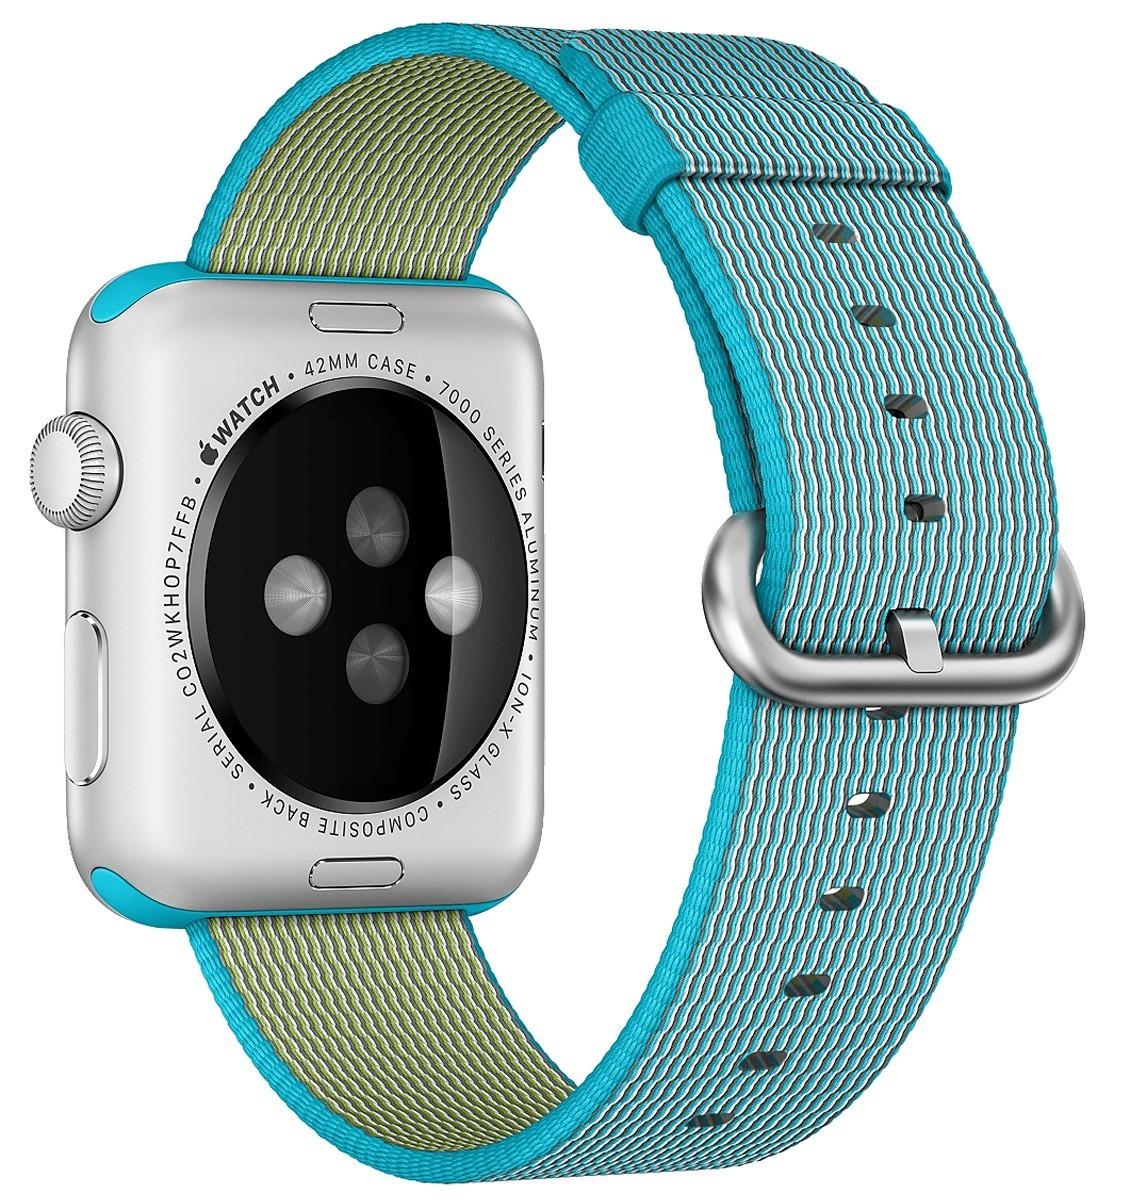 Curea pentru Apple Watch 38 mm iUni Woven Strap, Nylon, Electric Blue